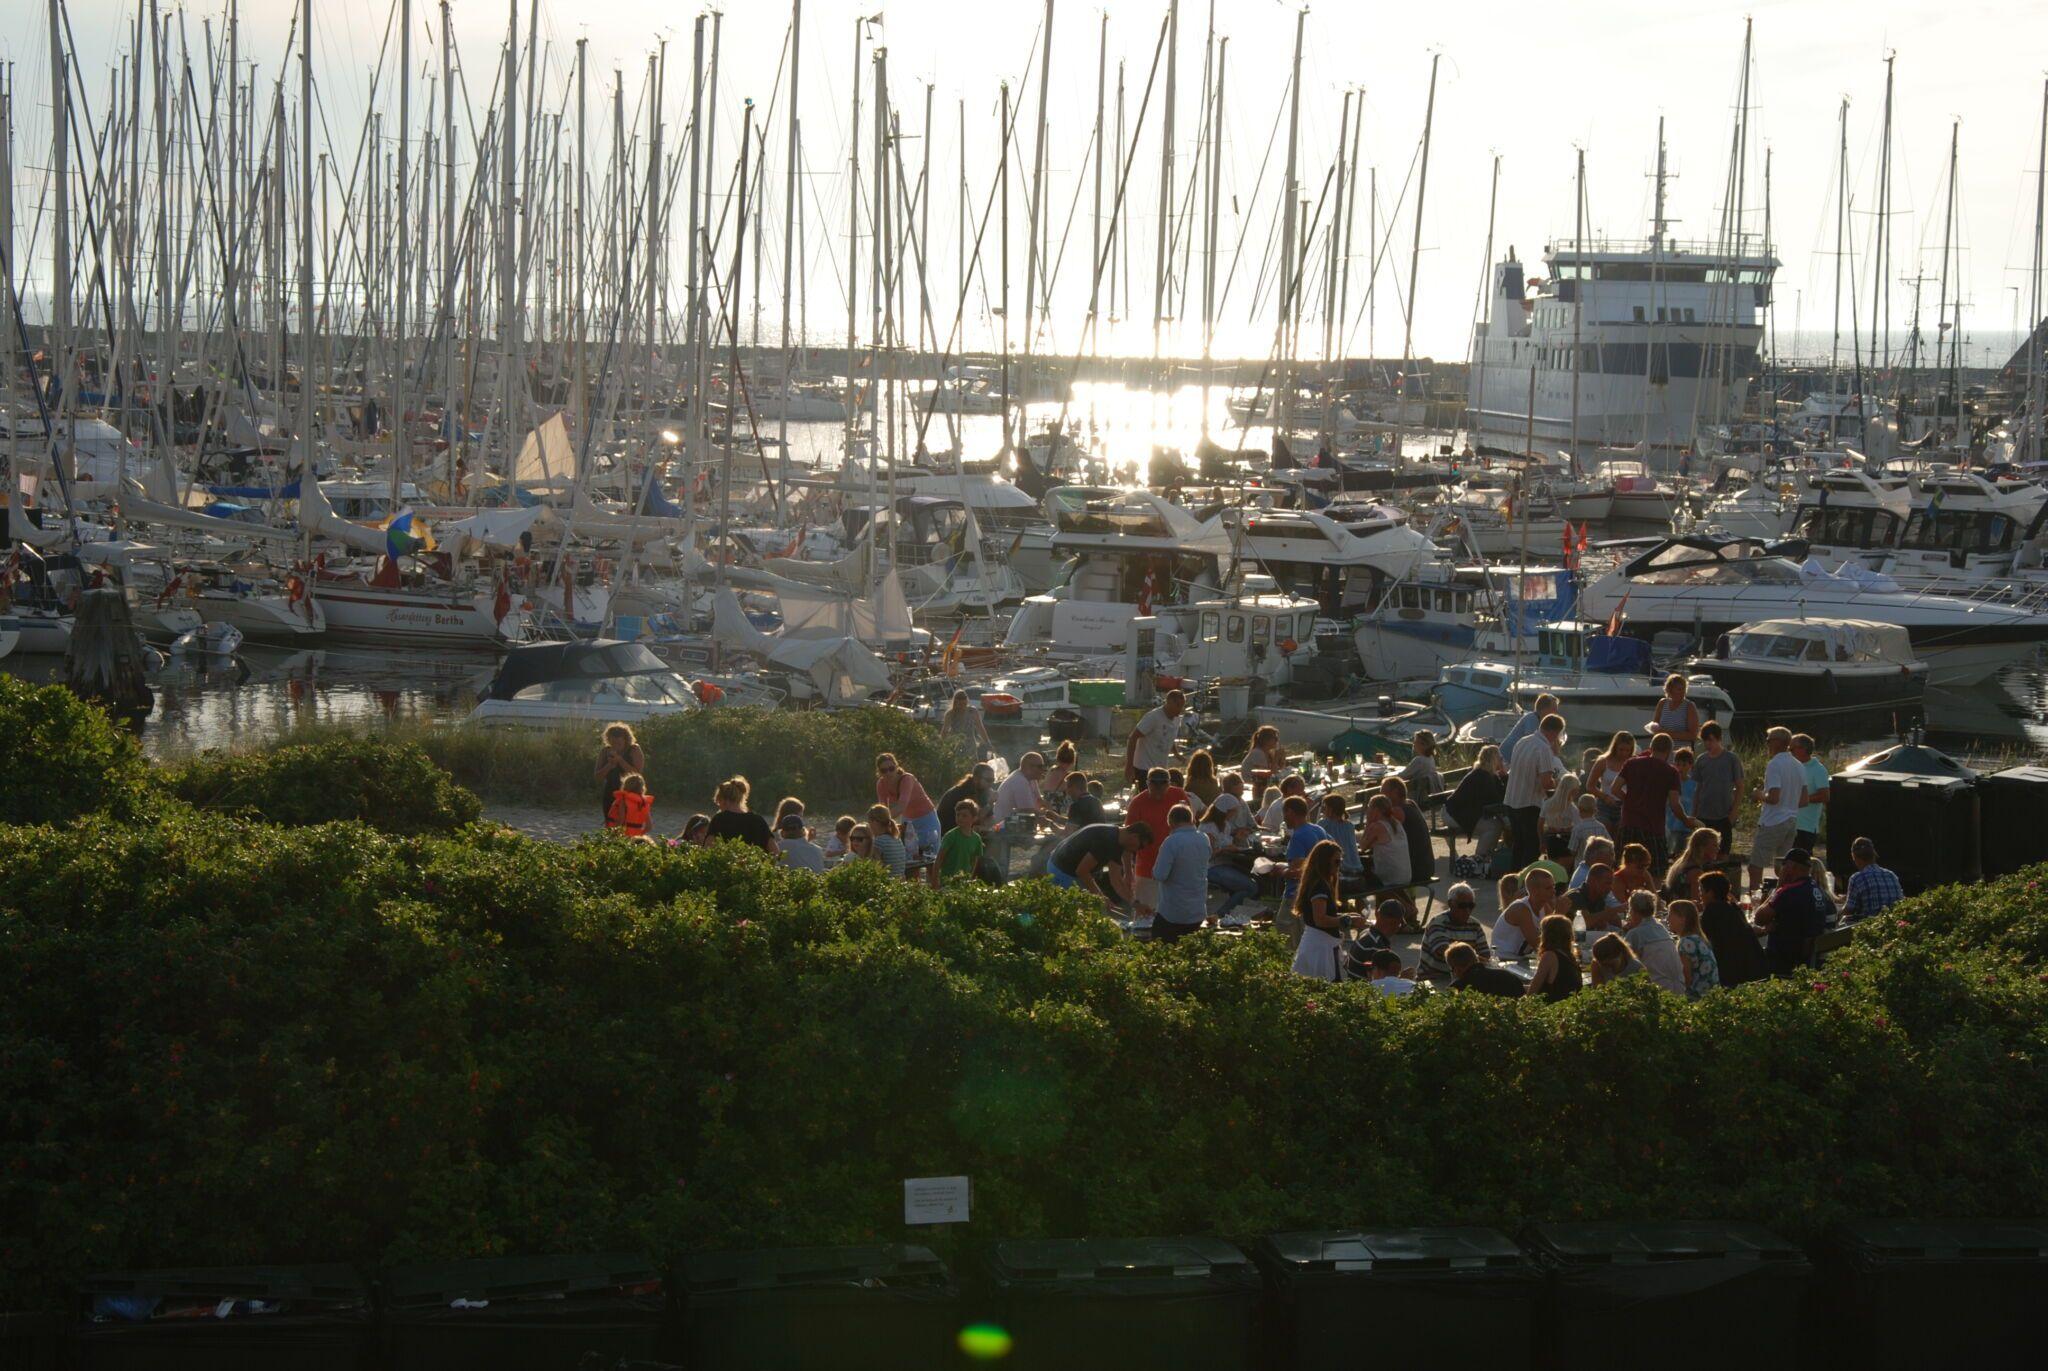 mange mennesker spiser ved anholt havn